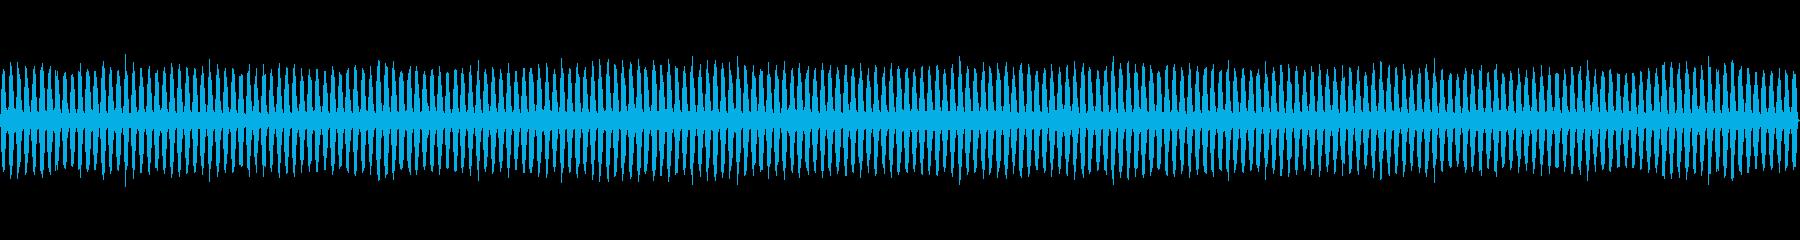 スチームホースヒス、リズミカルチャギングの再生済みの波形